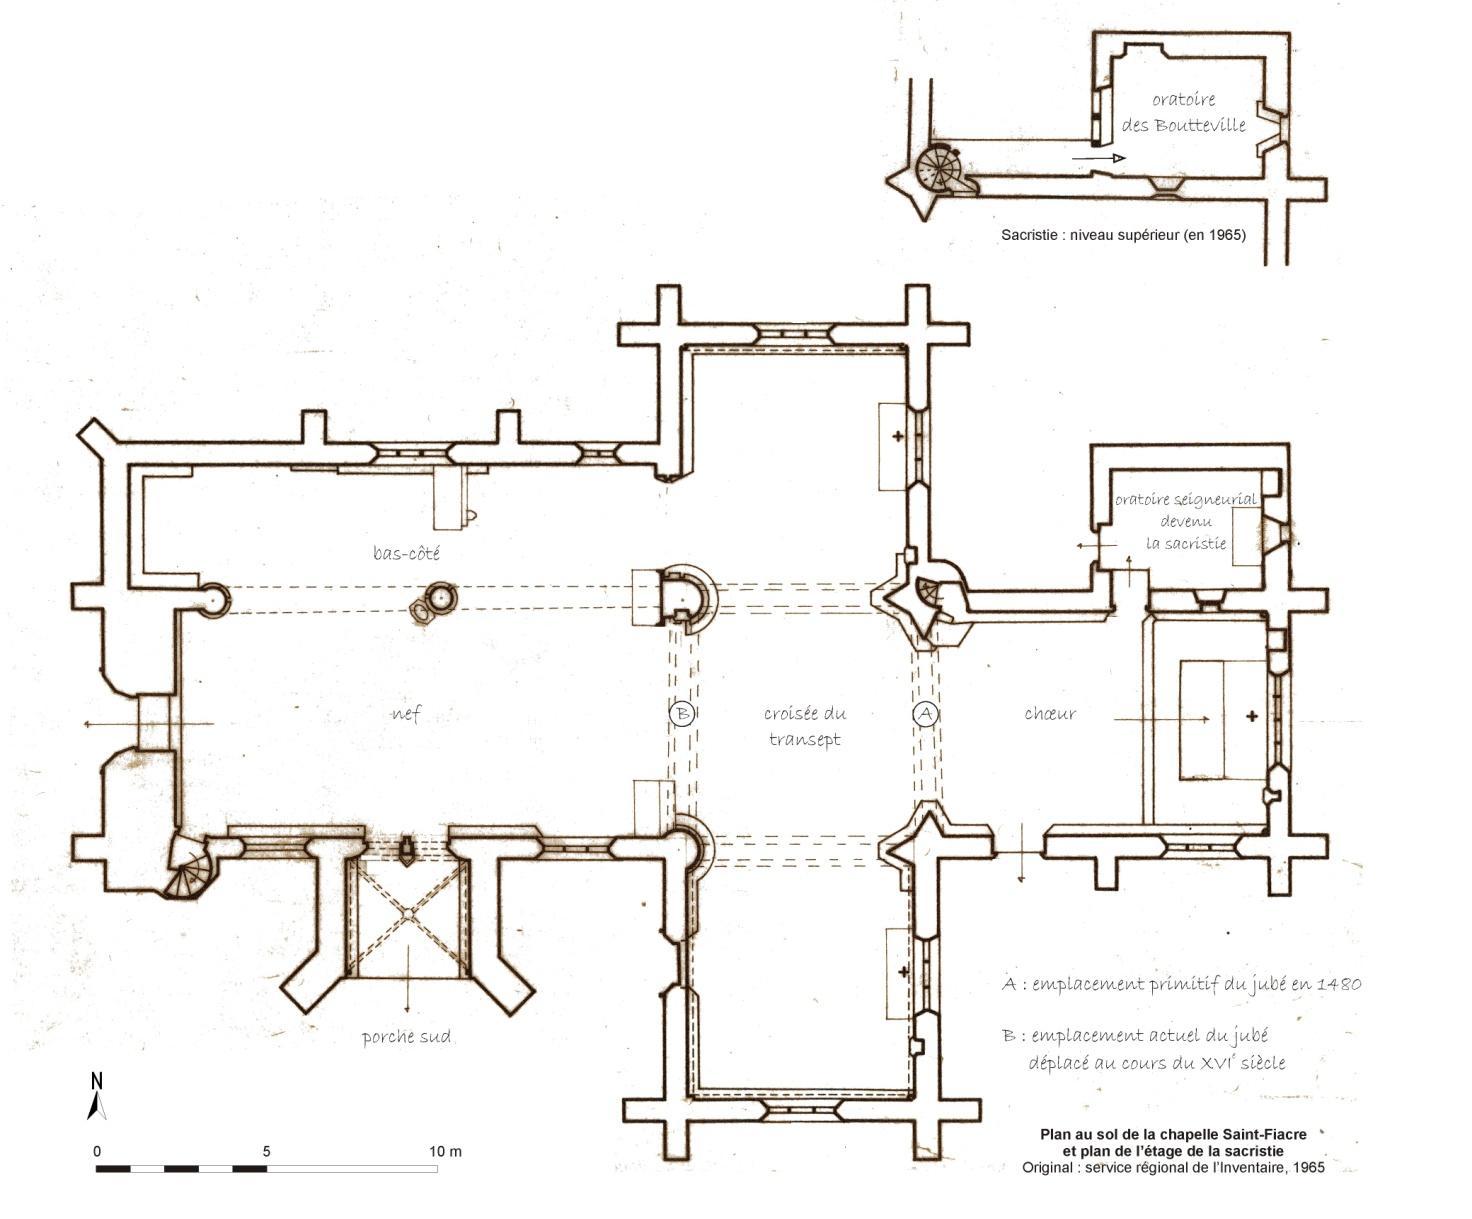 Plan de la chapelle Saint-Fiacre - Original : service régional de l'Inventaire, 1965